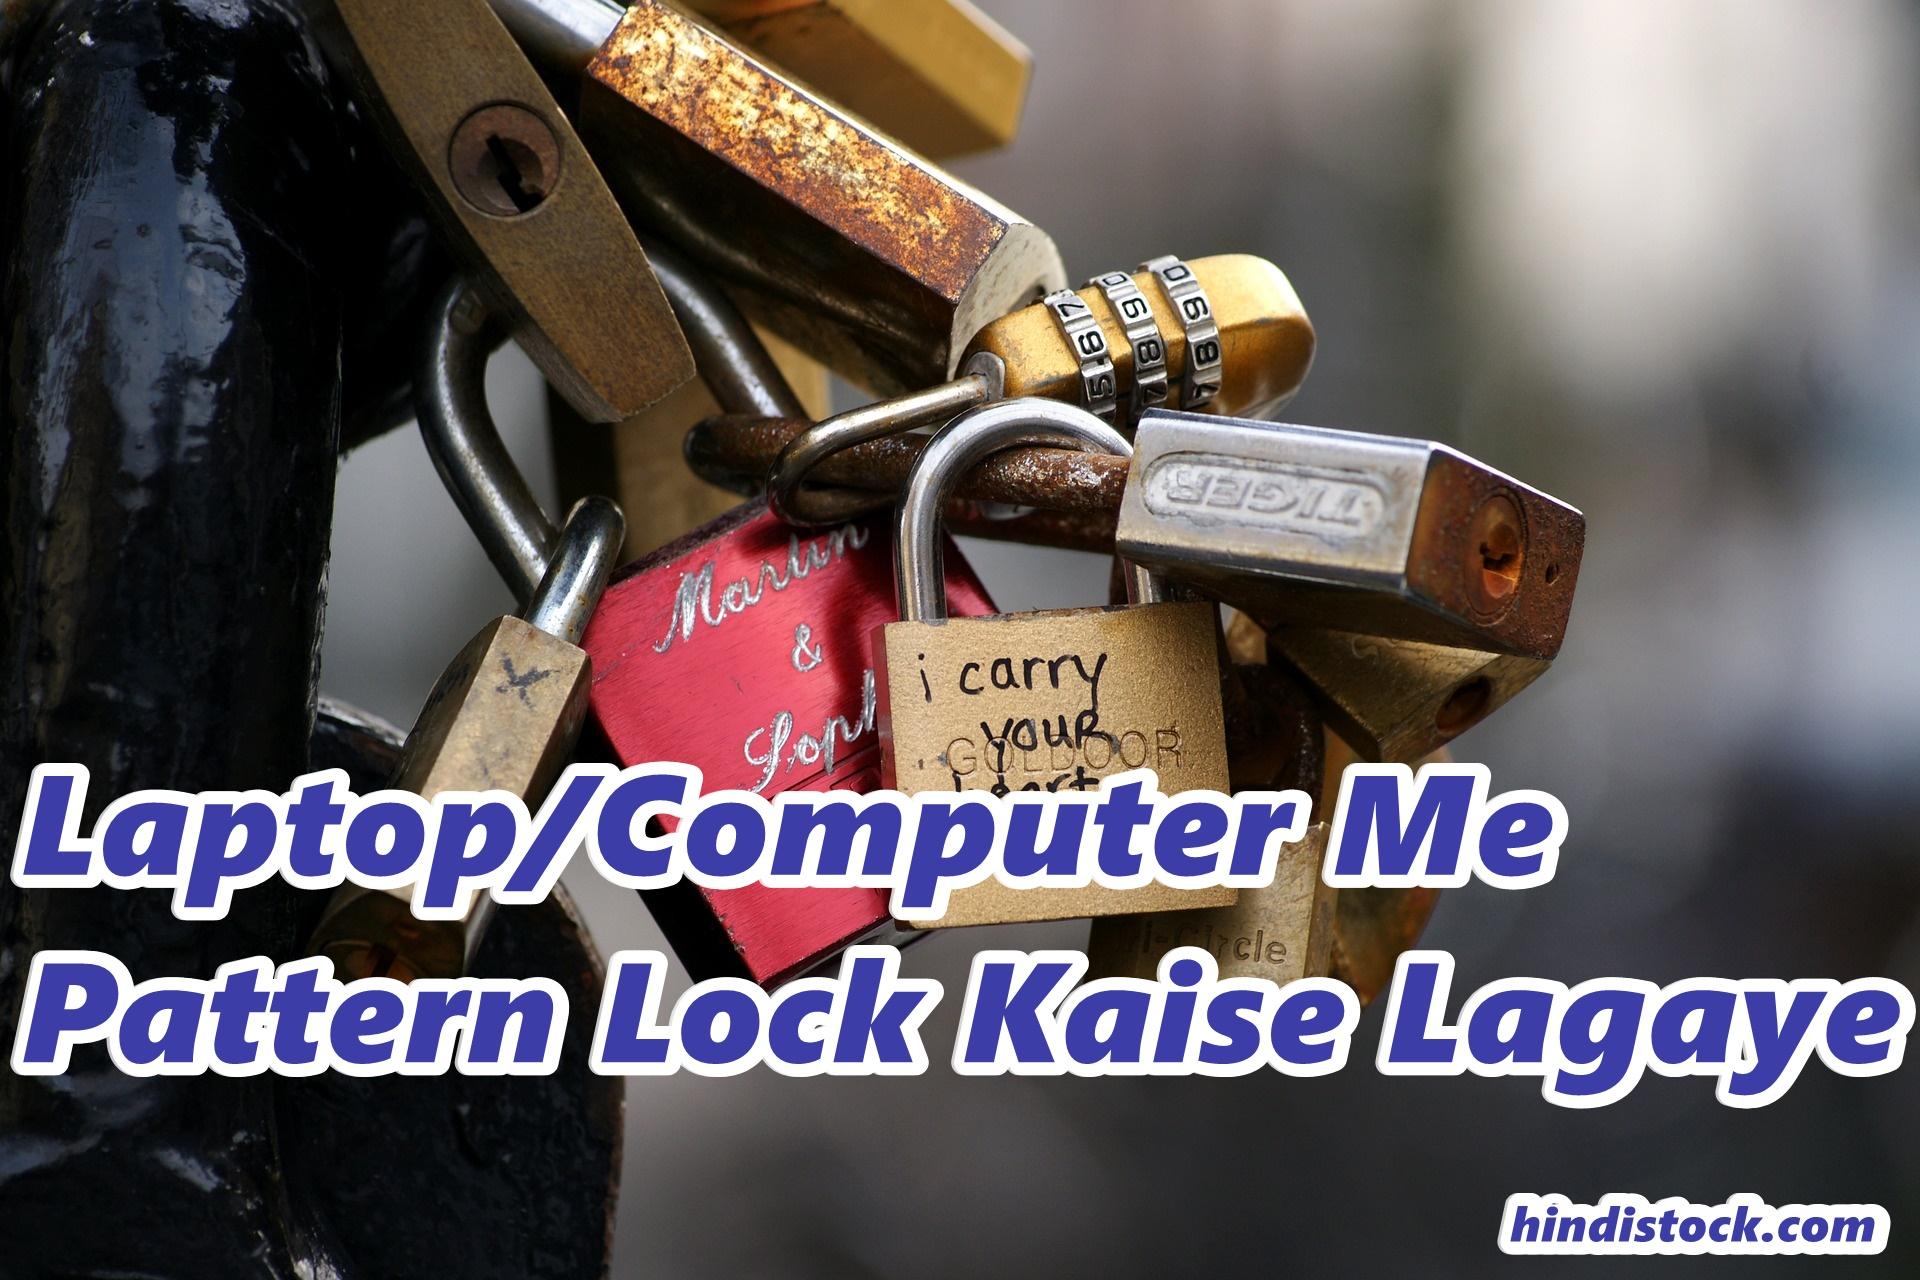 laptop me pattern lock kaise lagaye